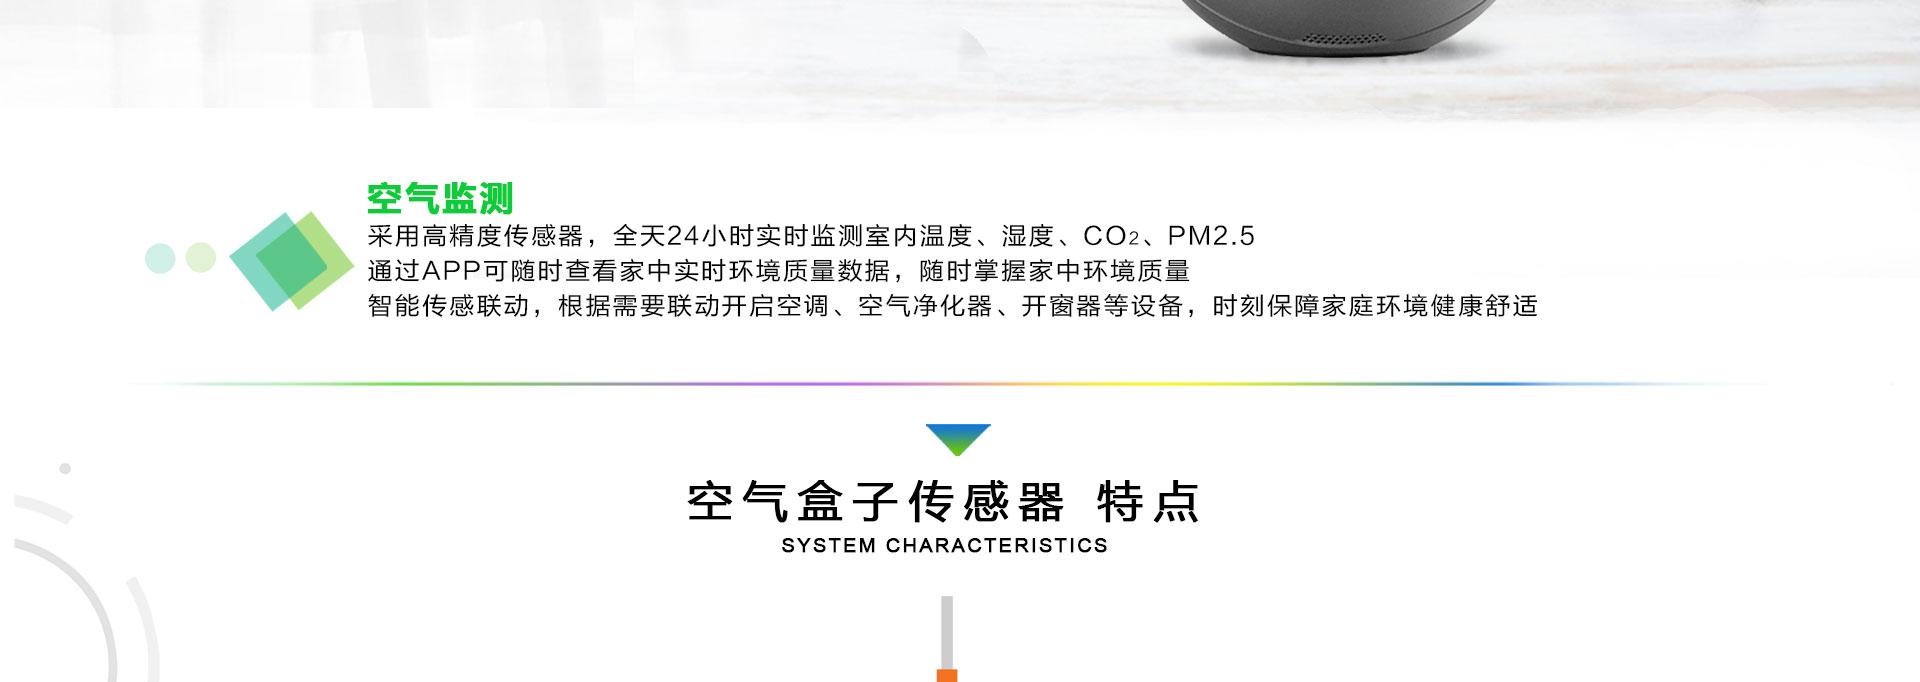 空气盒子传感器-SE313